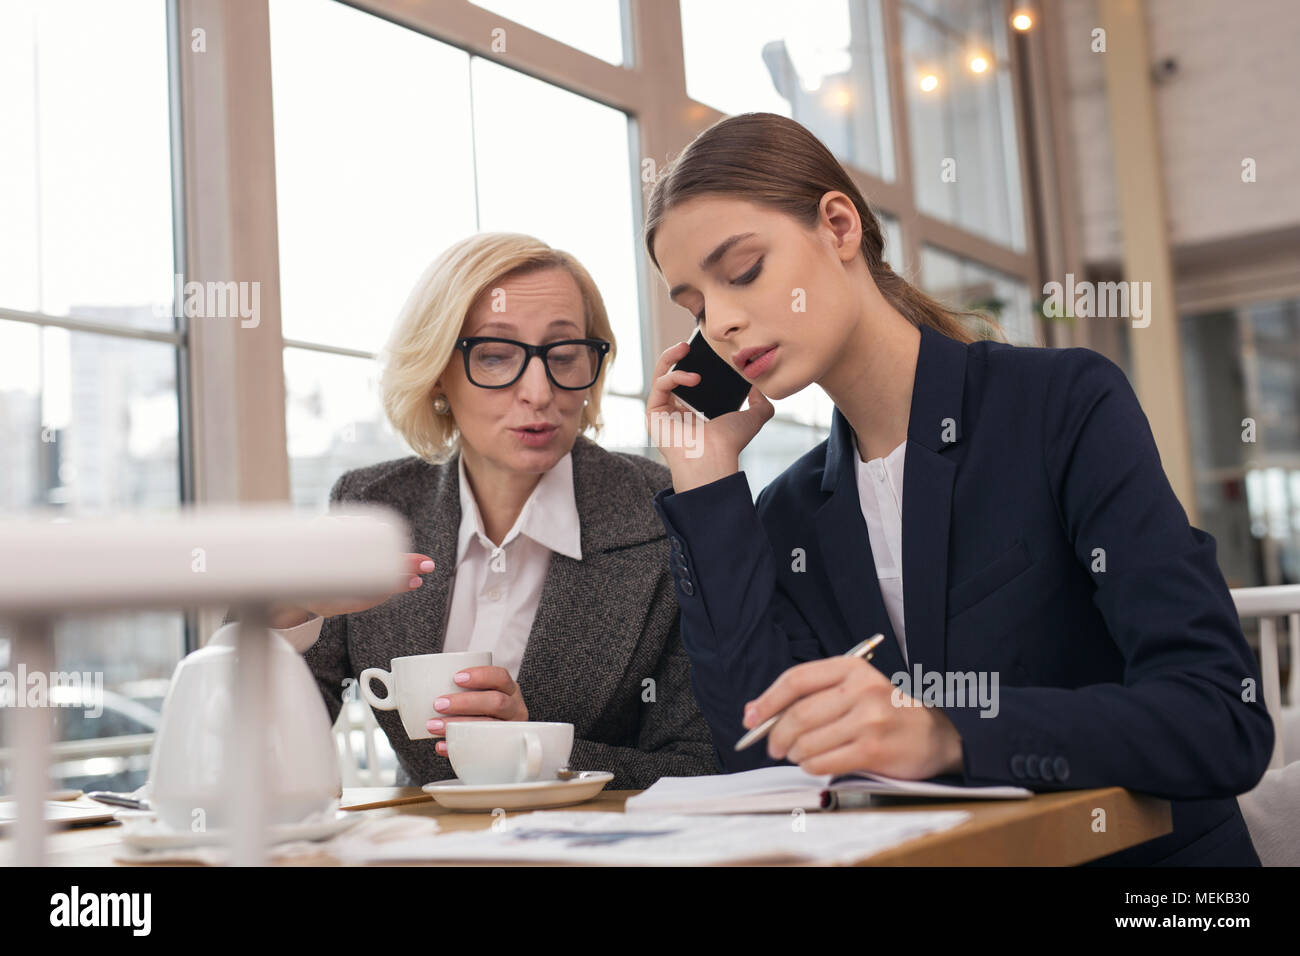 Junge Frau am Telefon zu sprechen konzentriert Stockbild